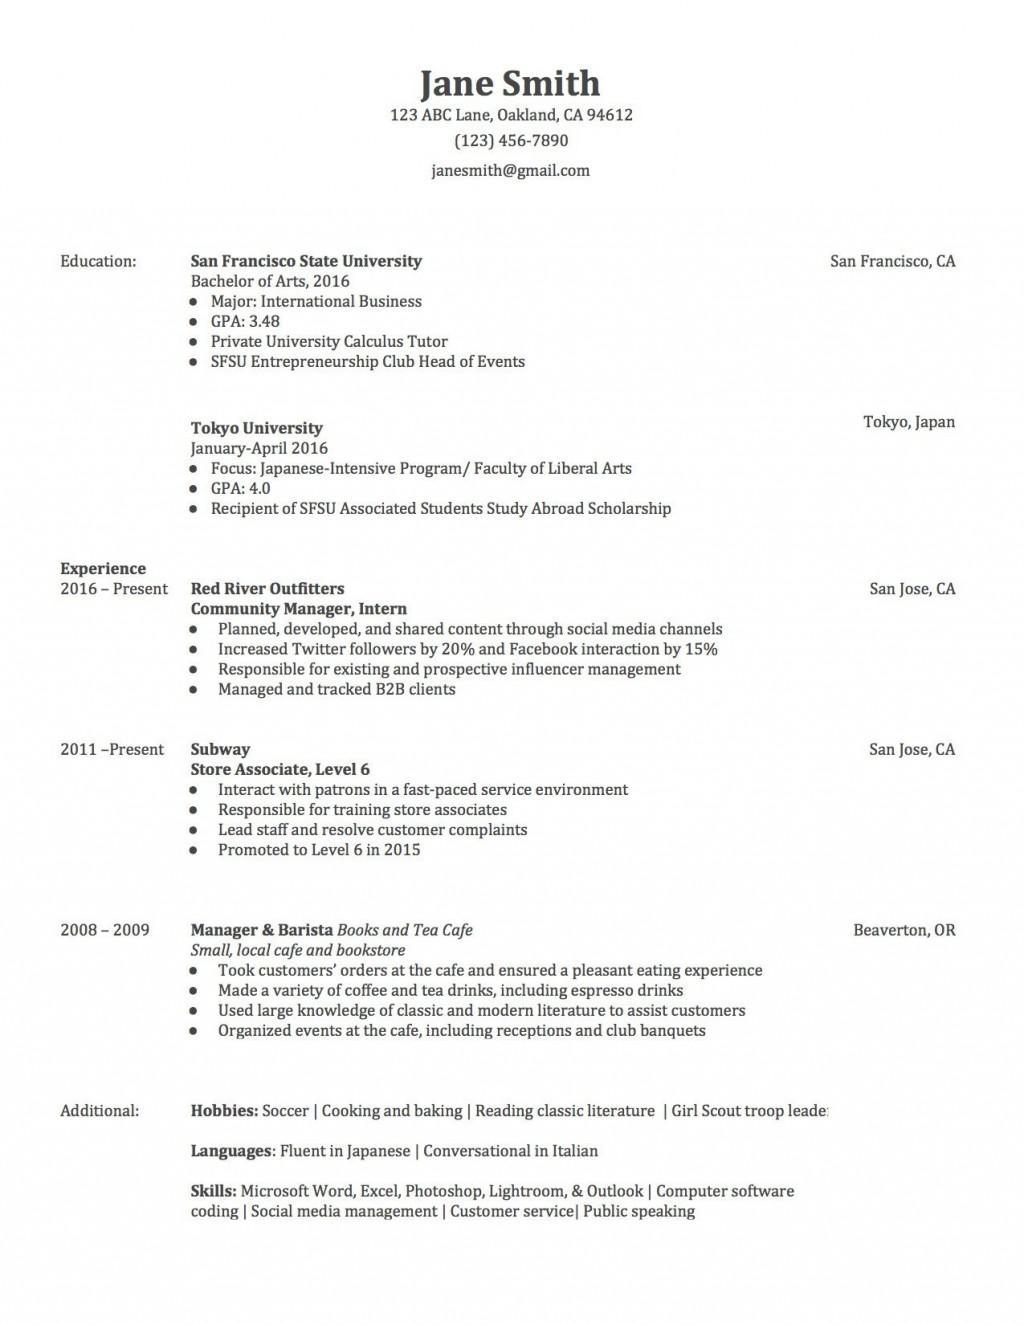 003 Wonderful Free Basic Resume Template Highest Clarity  Templates Online Microsoft WordLarge